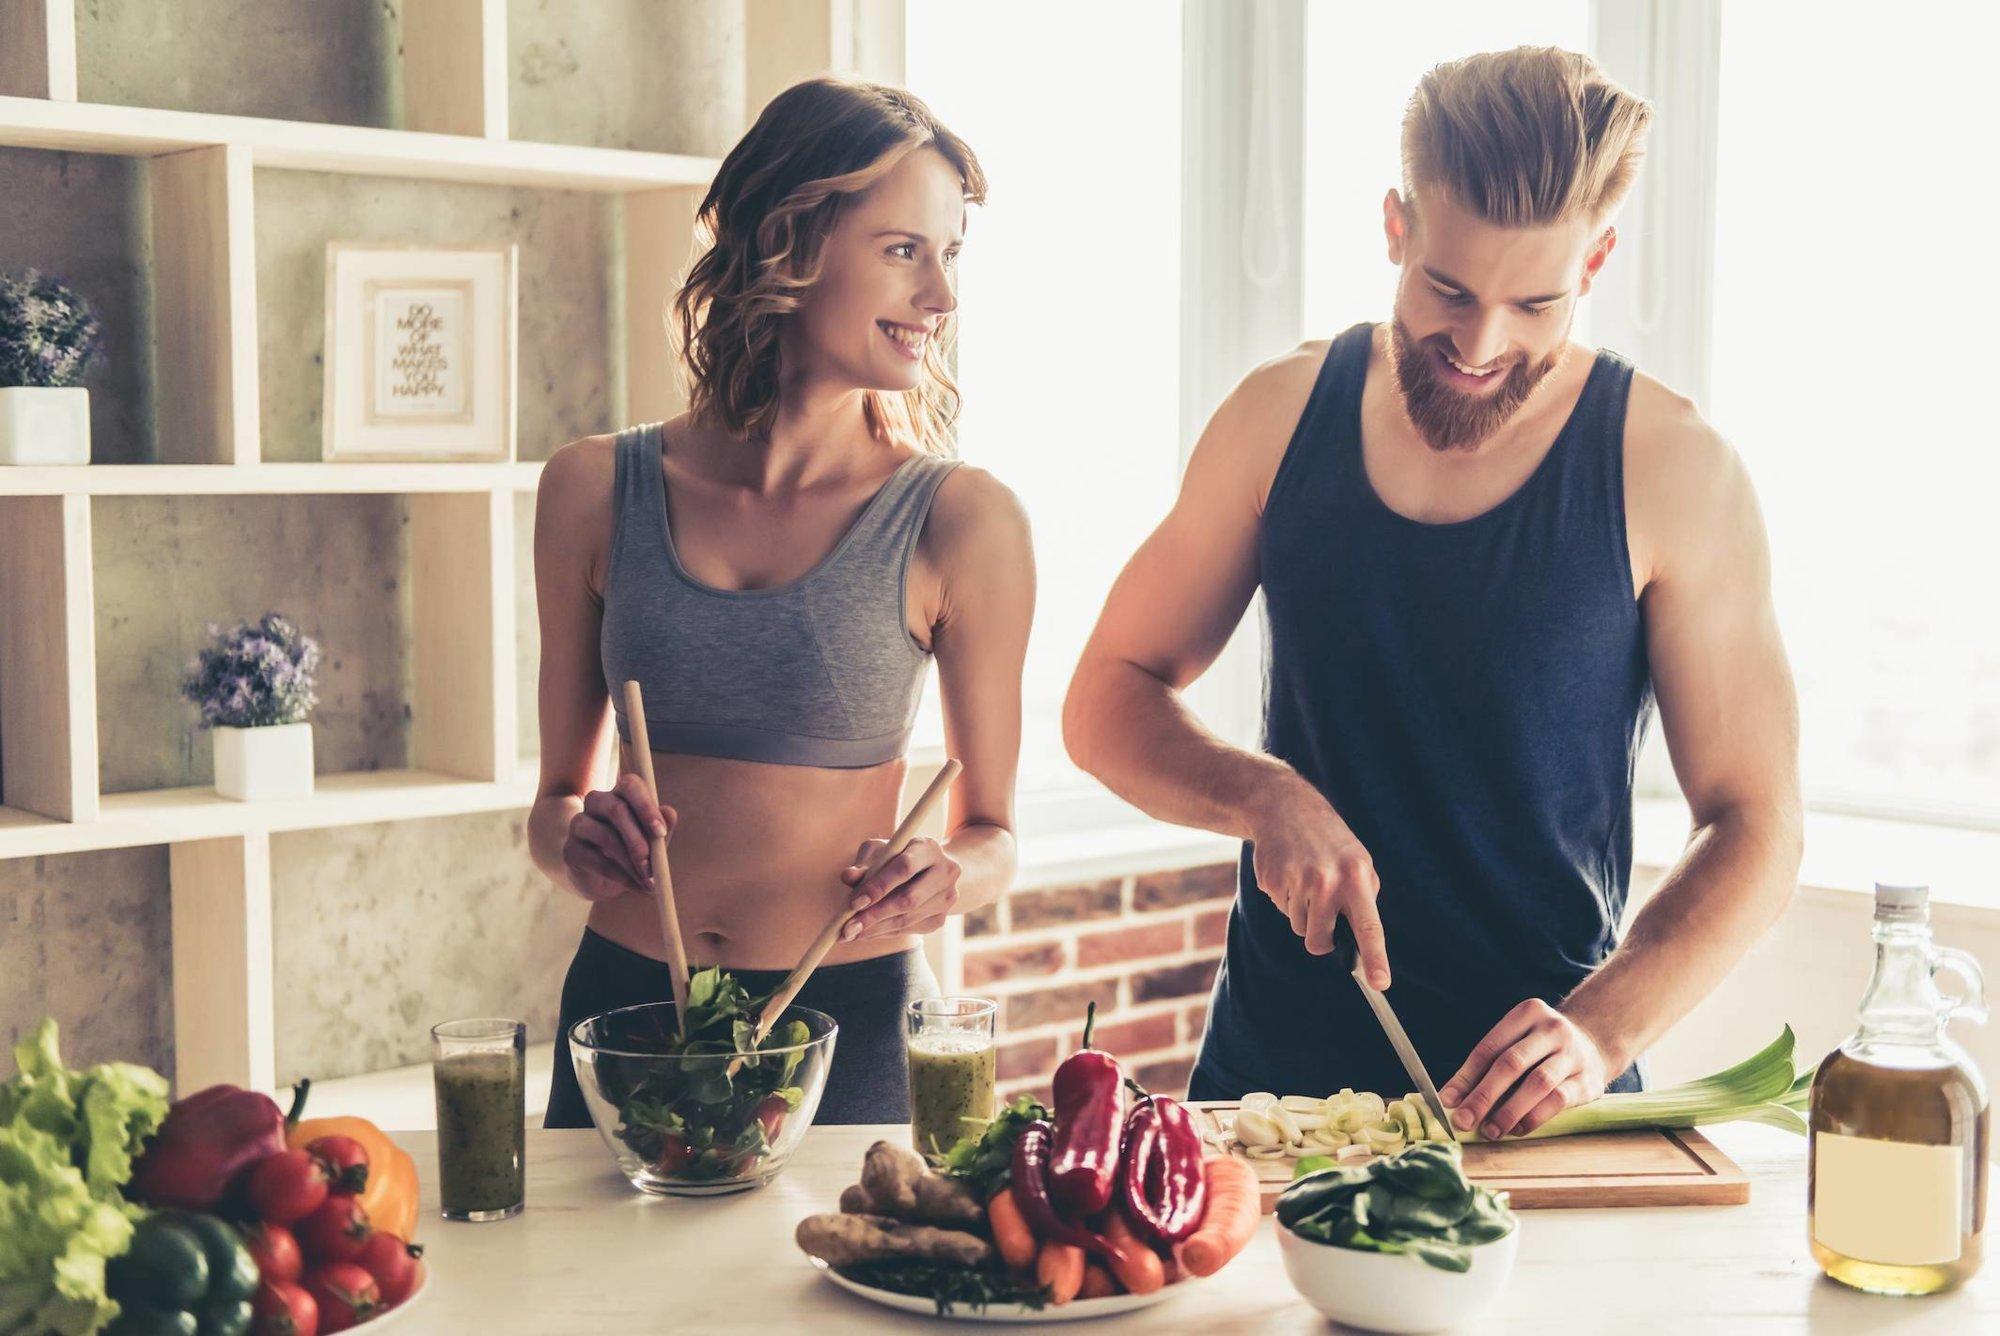 8 суперфудов, которые должны быть в вашем холодильнике